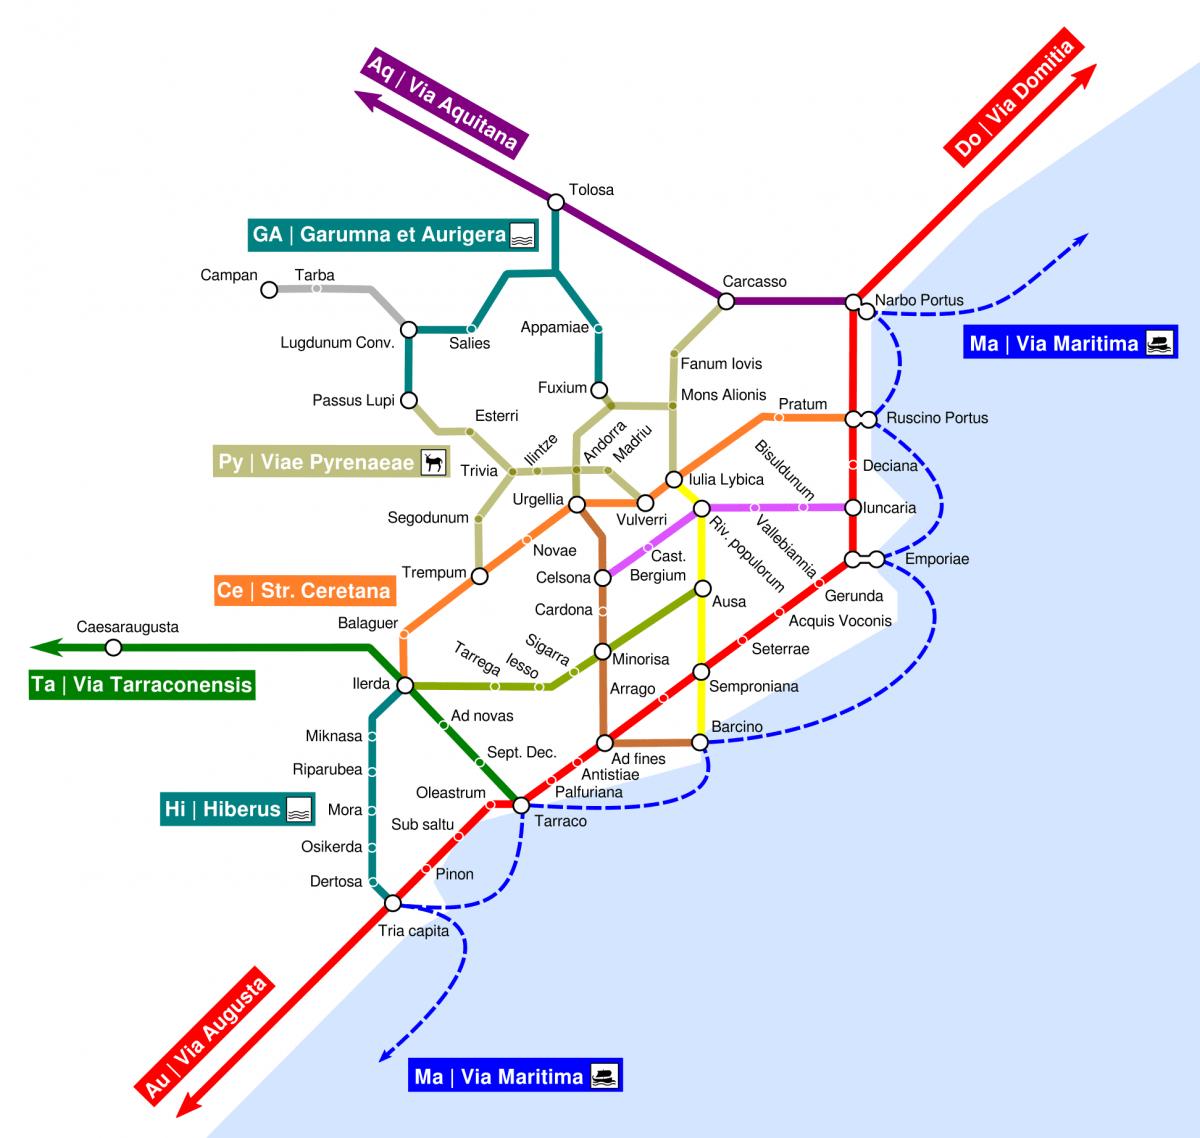 Mapa de la xarxa viària romana als Pirineus al segle I, amb el port de Ruscino (Perpinyà) com sortida natural del comerç pirinenc.